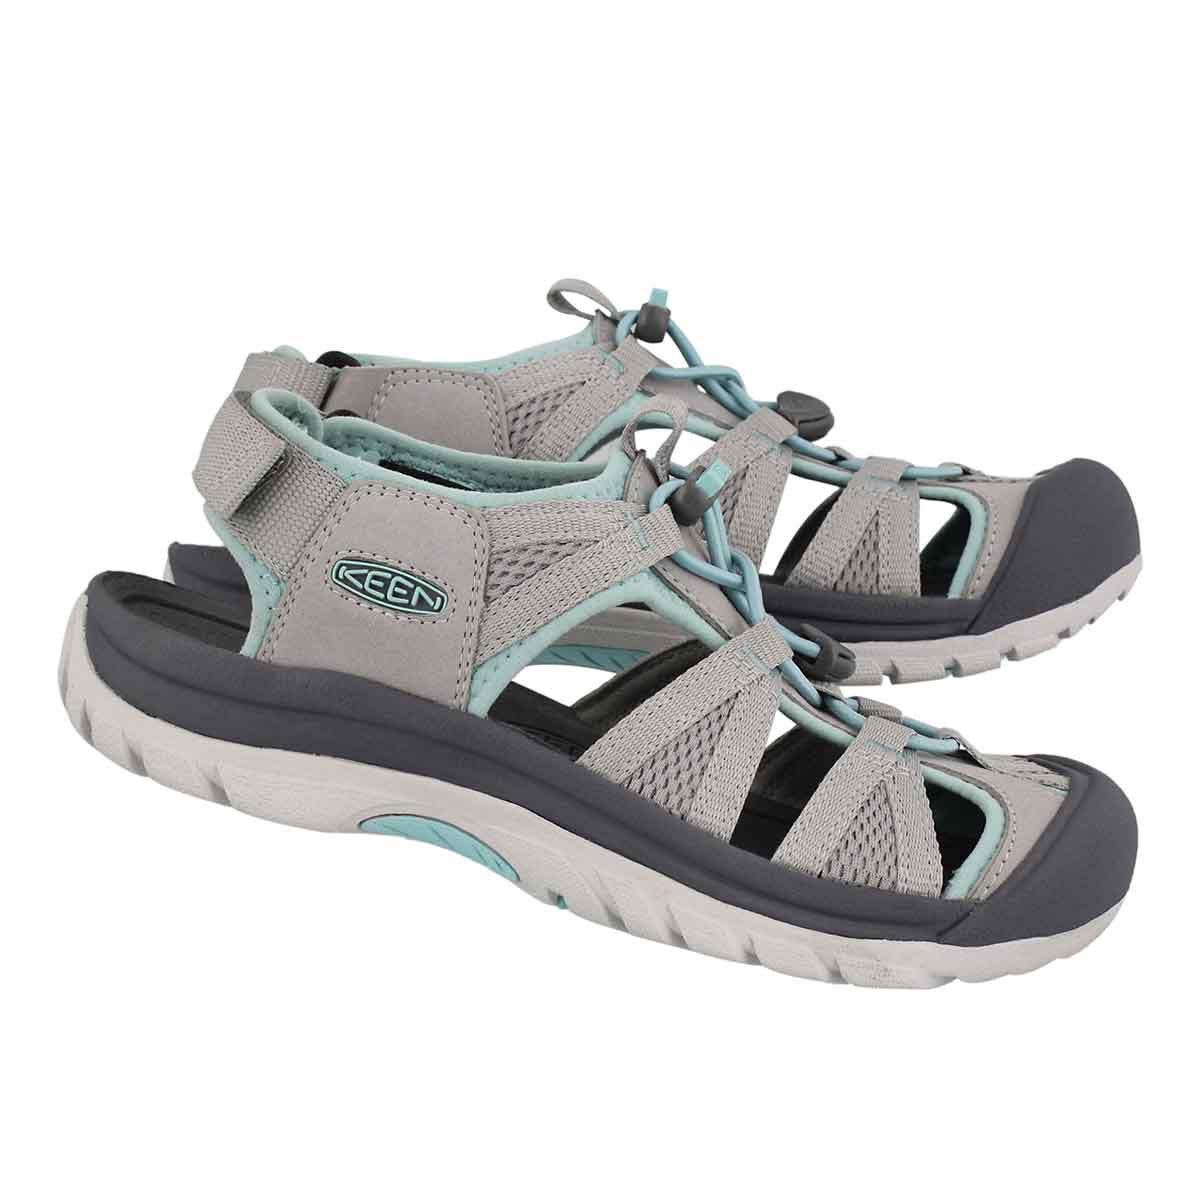 Keen Venice II H2 Water Sport Sandals s4hpJDph